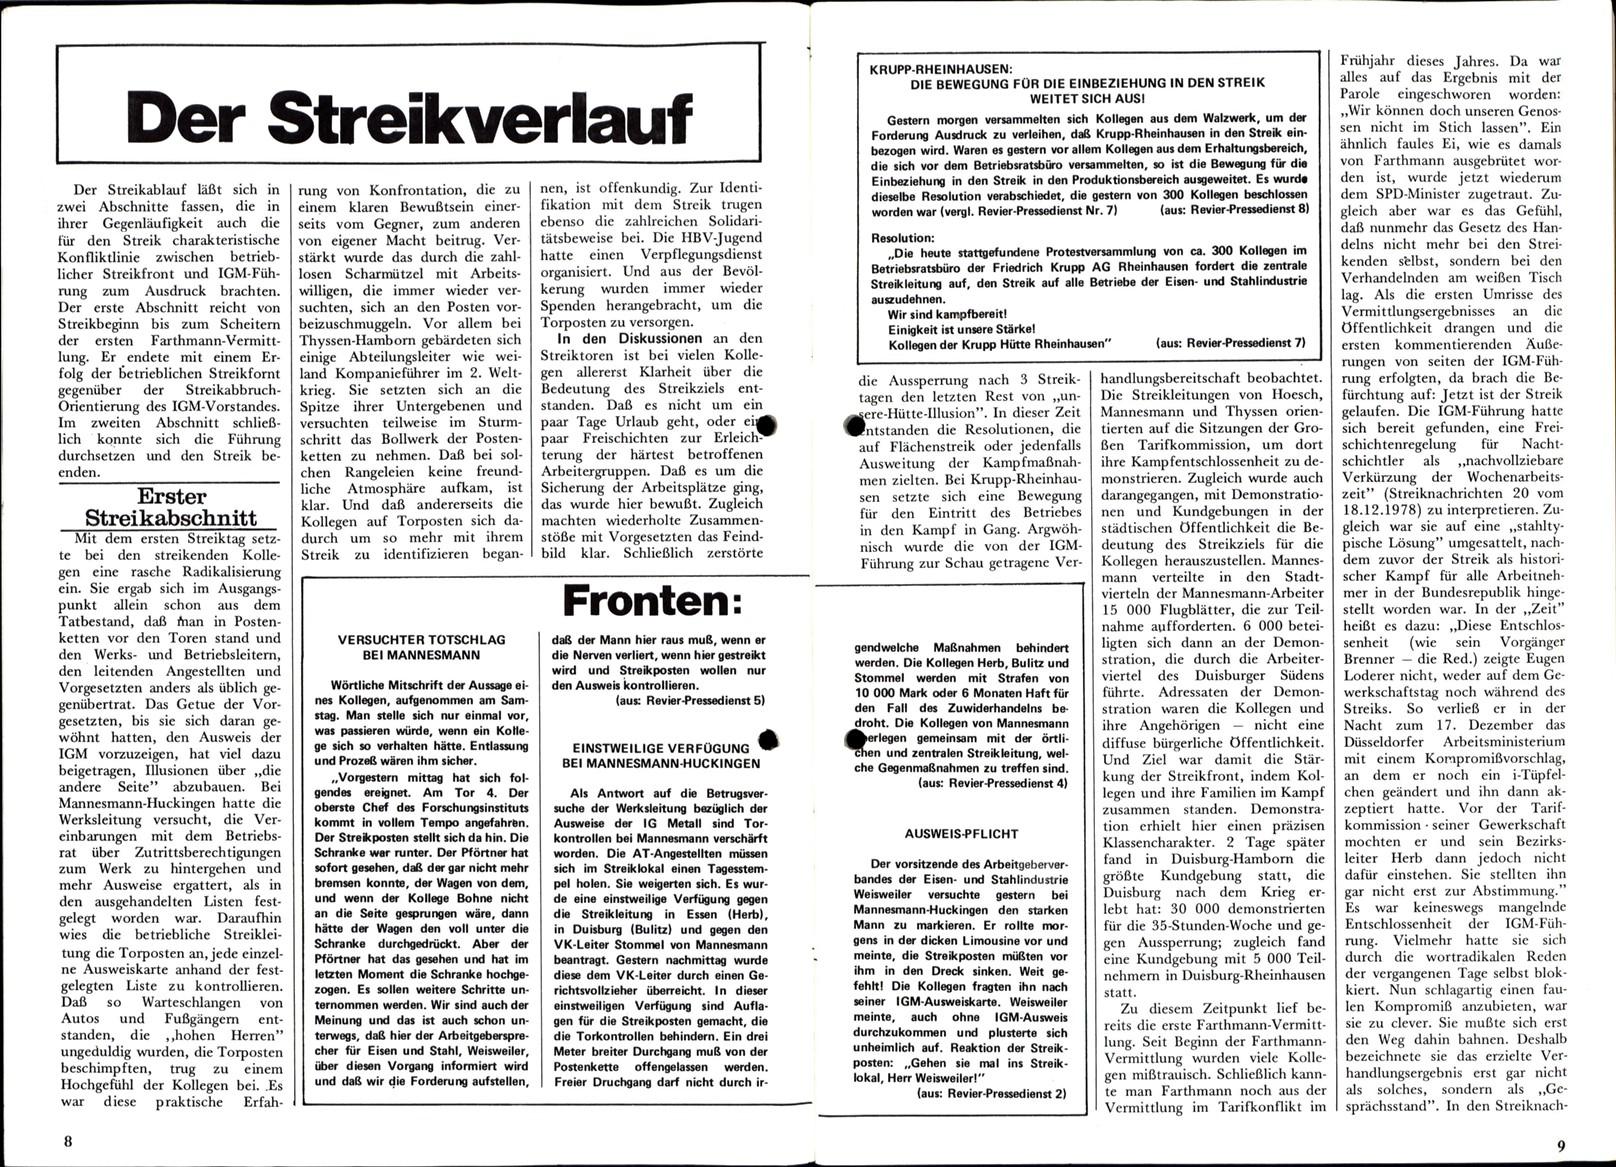 Bonn_RZ_20_19790200_05